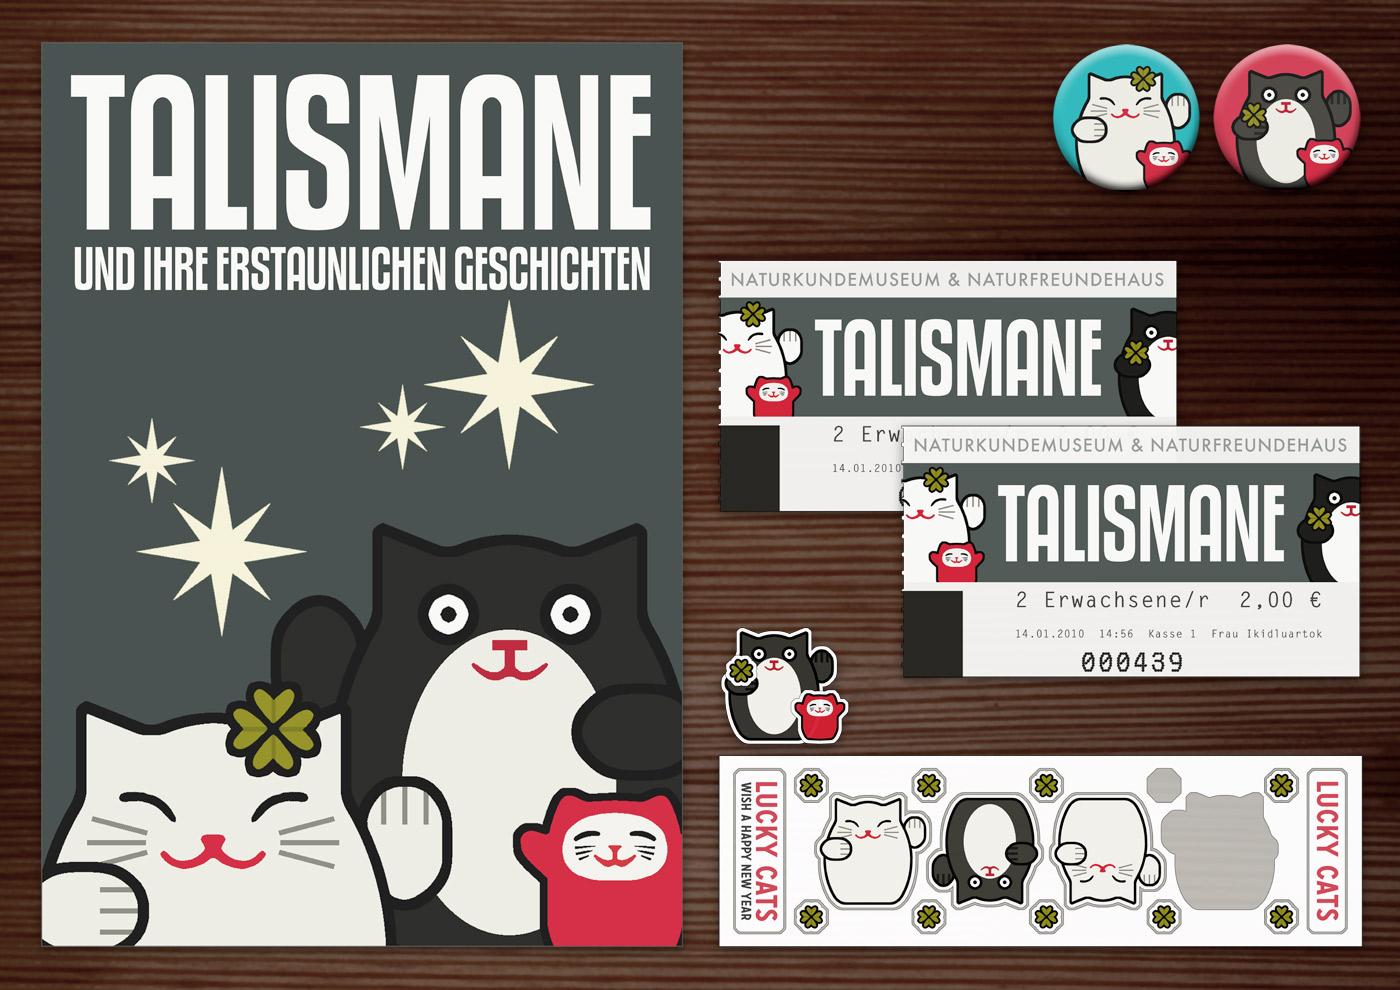 Corporate Identity, Logo und Grafik Design für Werbung, Schilder, Poster, Postkarten, Flyer, Eintrittskarten und Buttons für die Ausstellung Talismane in Lily Lux' Naturkundemuseum